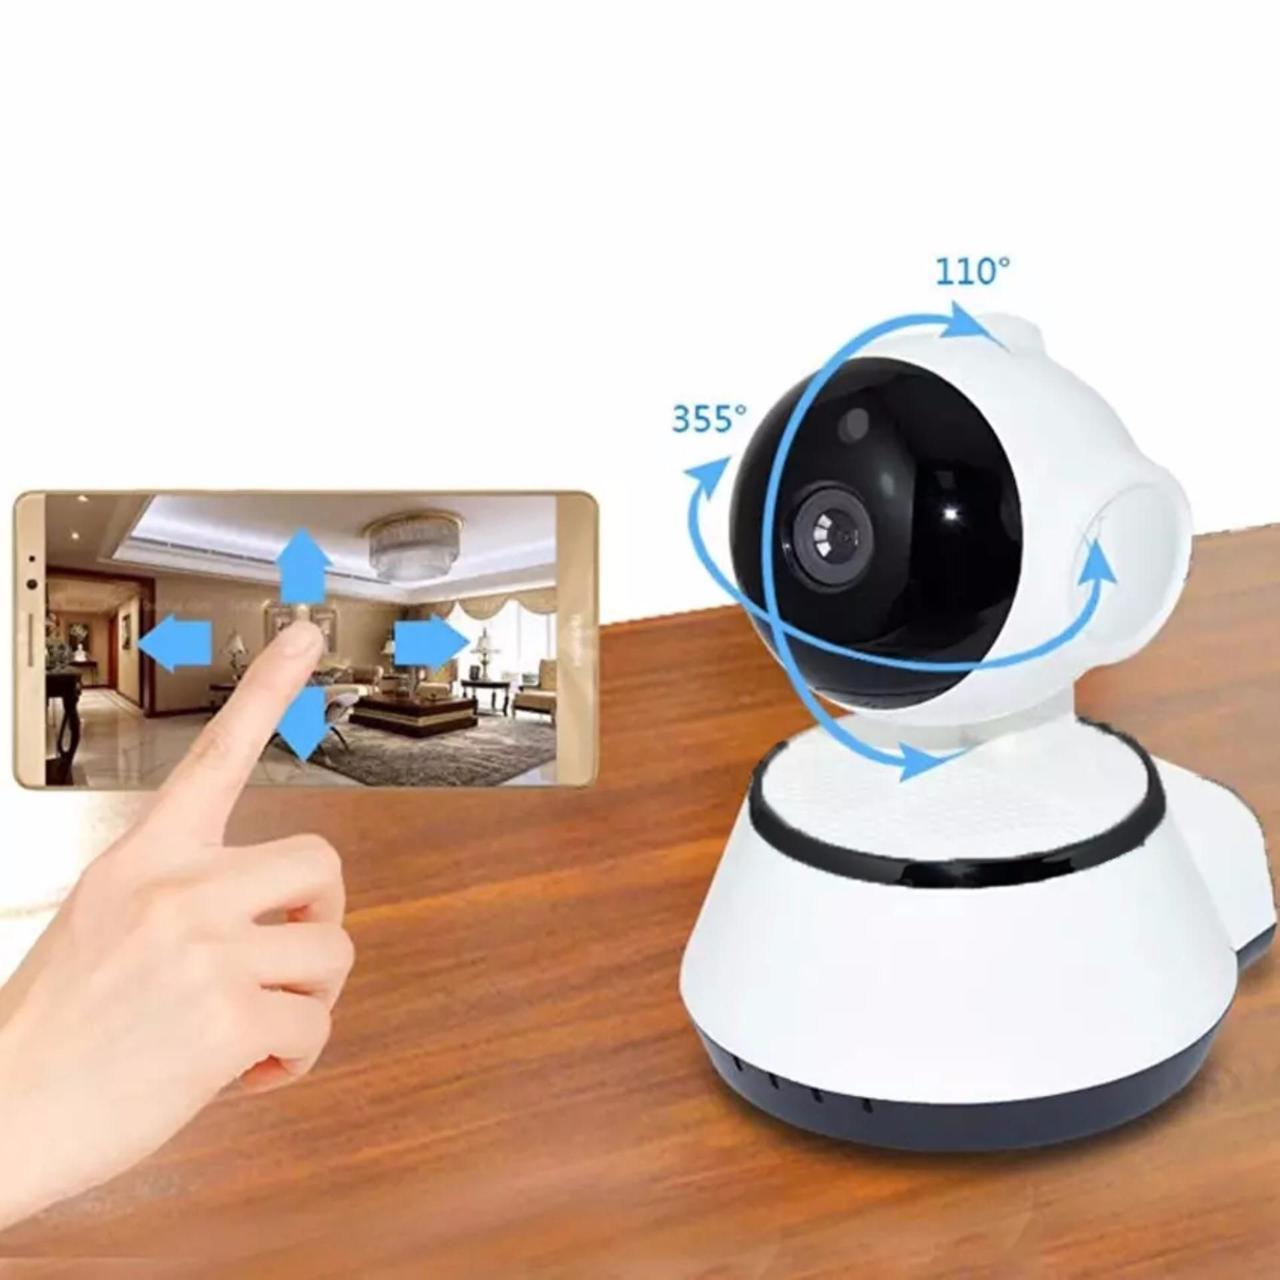 Wi-Fi / IP Q6 профессиональная панорамная камера V380-Q6 360 градусов